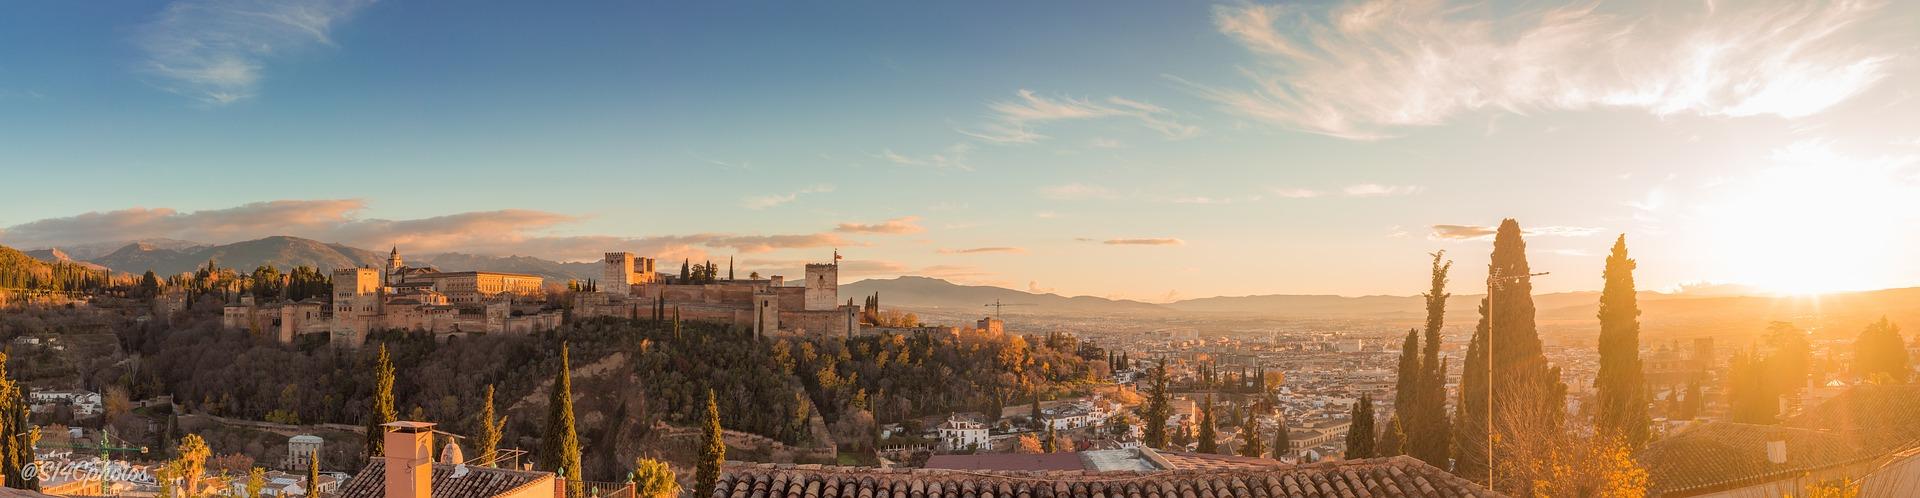 granada, andaluzija, španija, grad, destinacija,